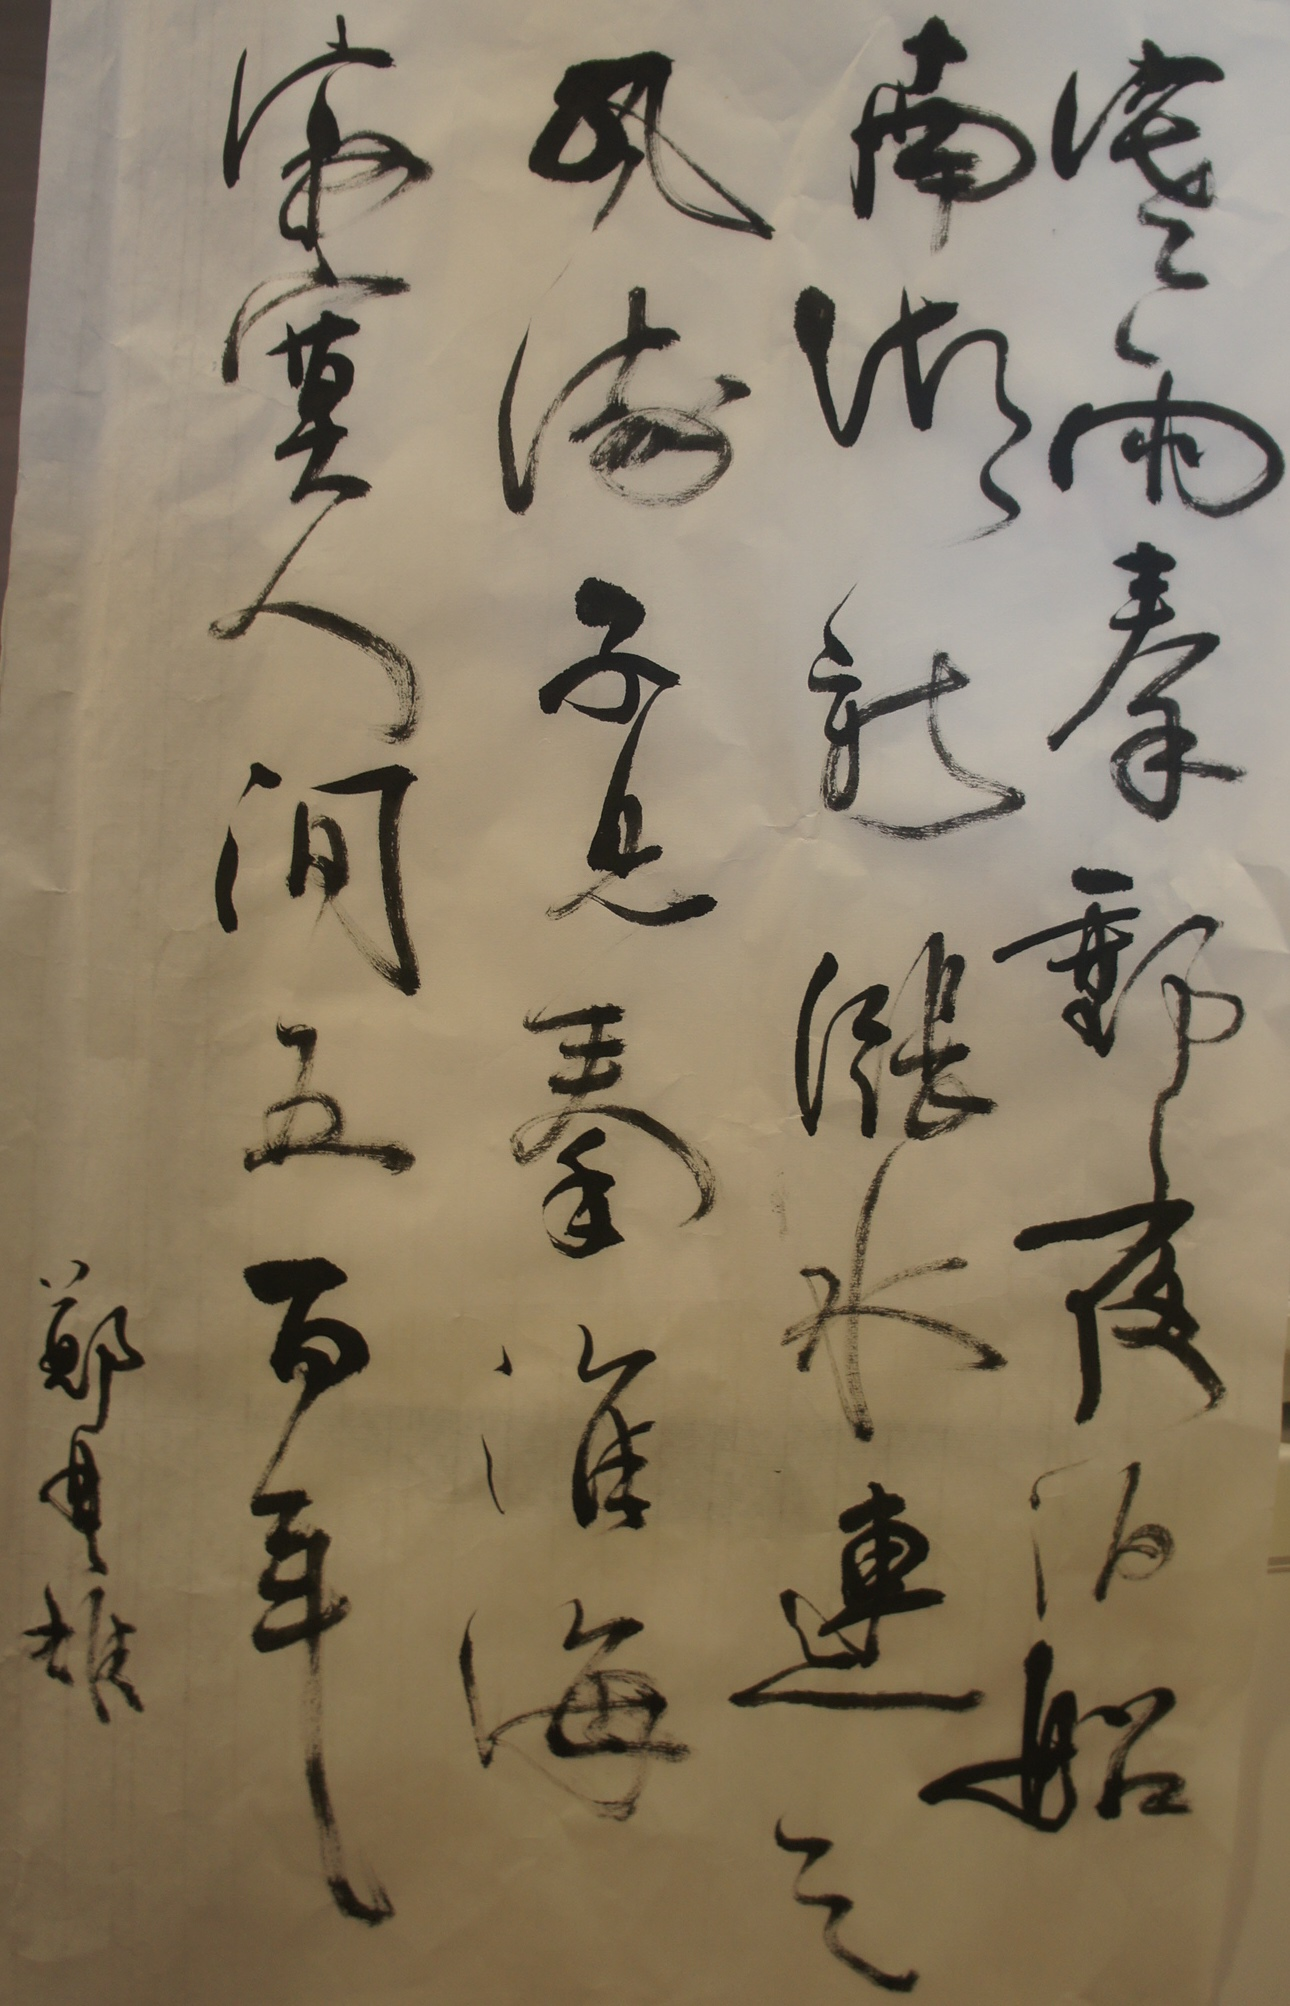 鄭楚雄 書法 王士禎《高郵夜泊》(行草立軸 70cm x 42cm)